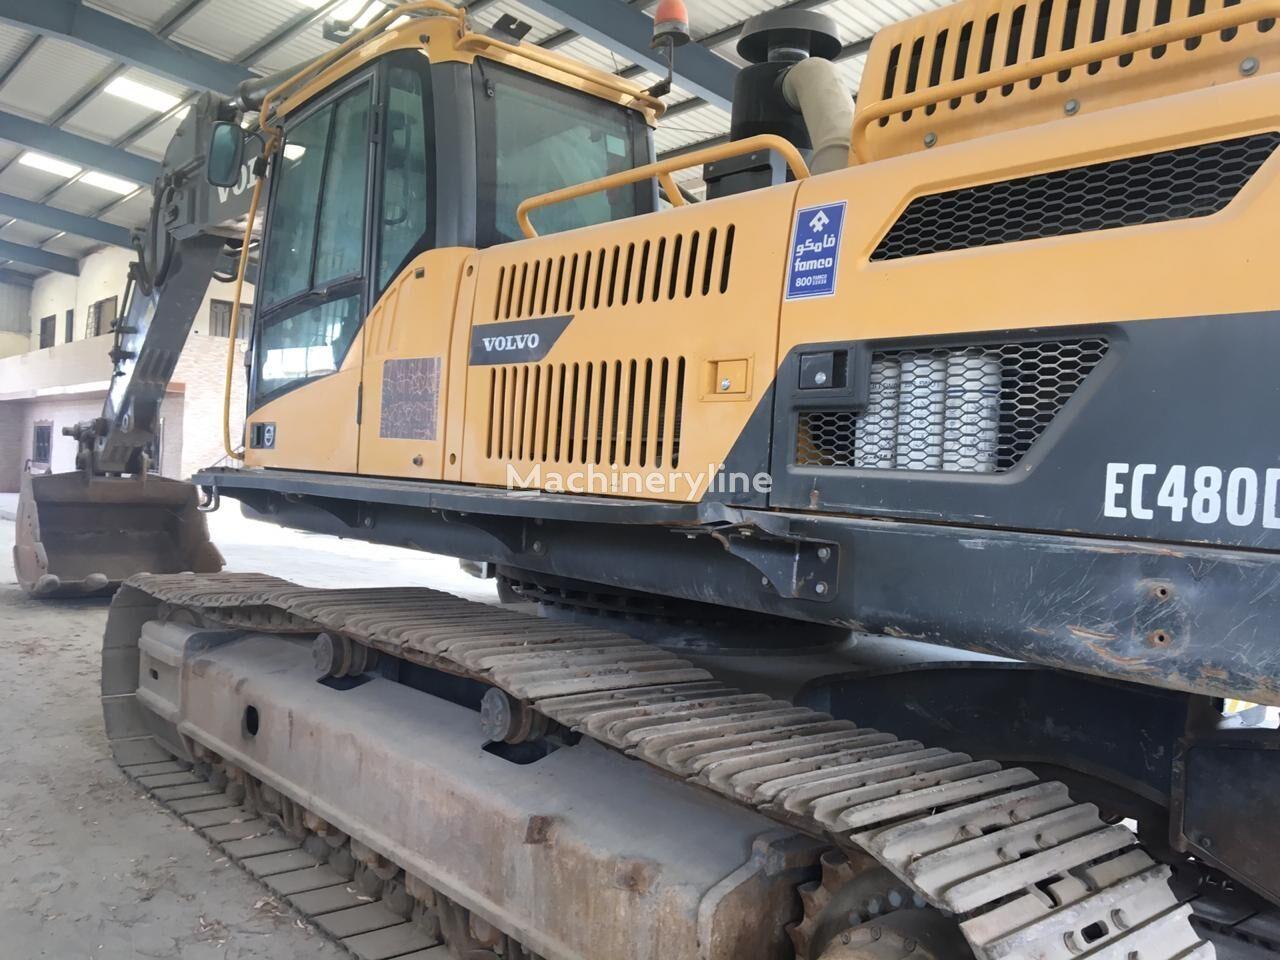 VOLVO EC 480 tracked excavator